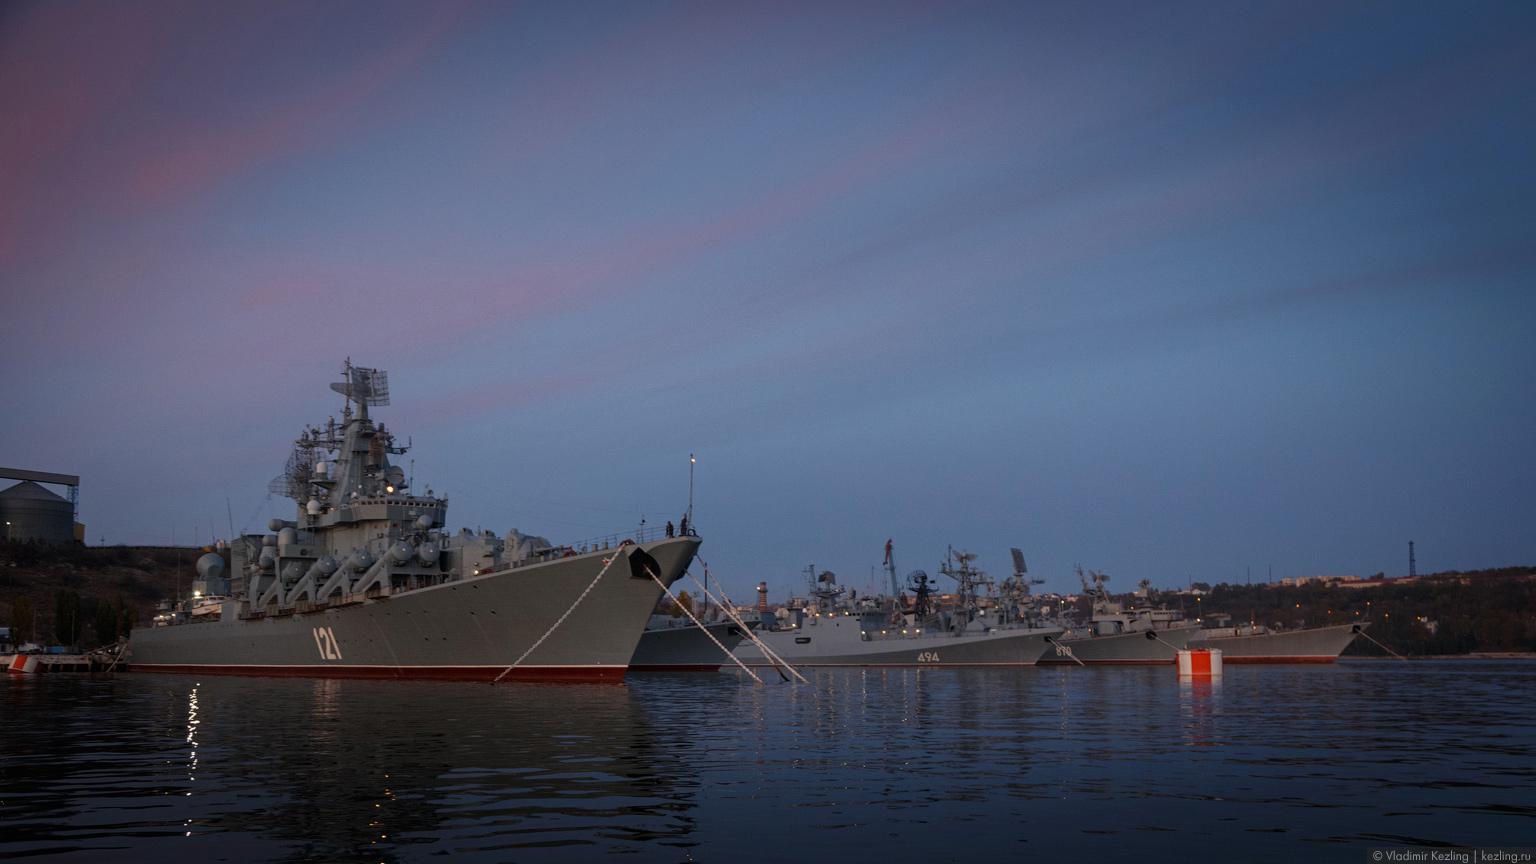 Крым в межсезонье. Вечерняя прогулка по Севастопольской бухте или Сага о Черноморском флоте